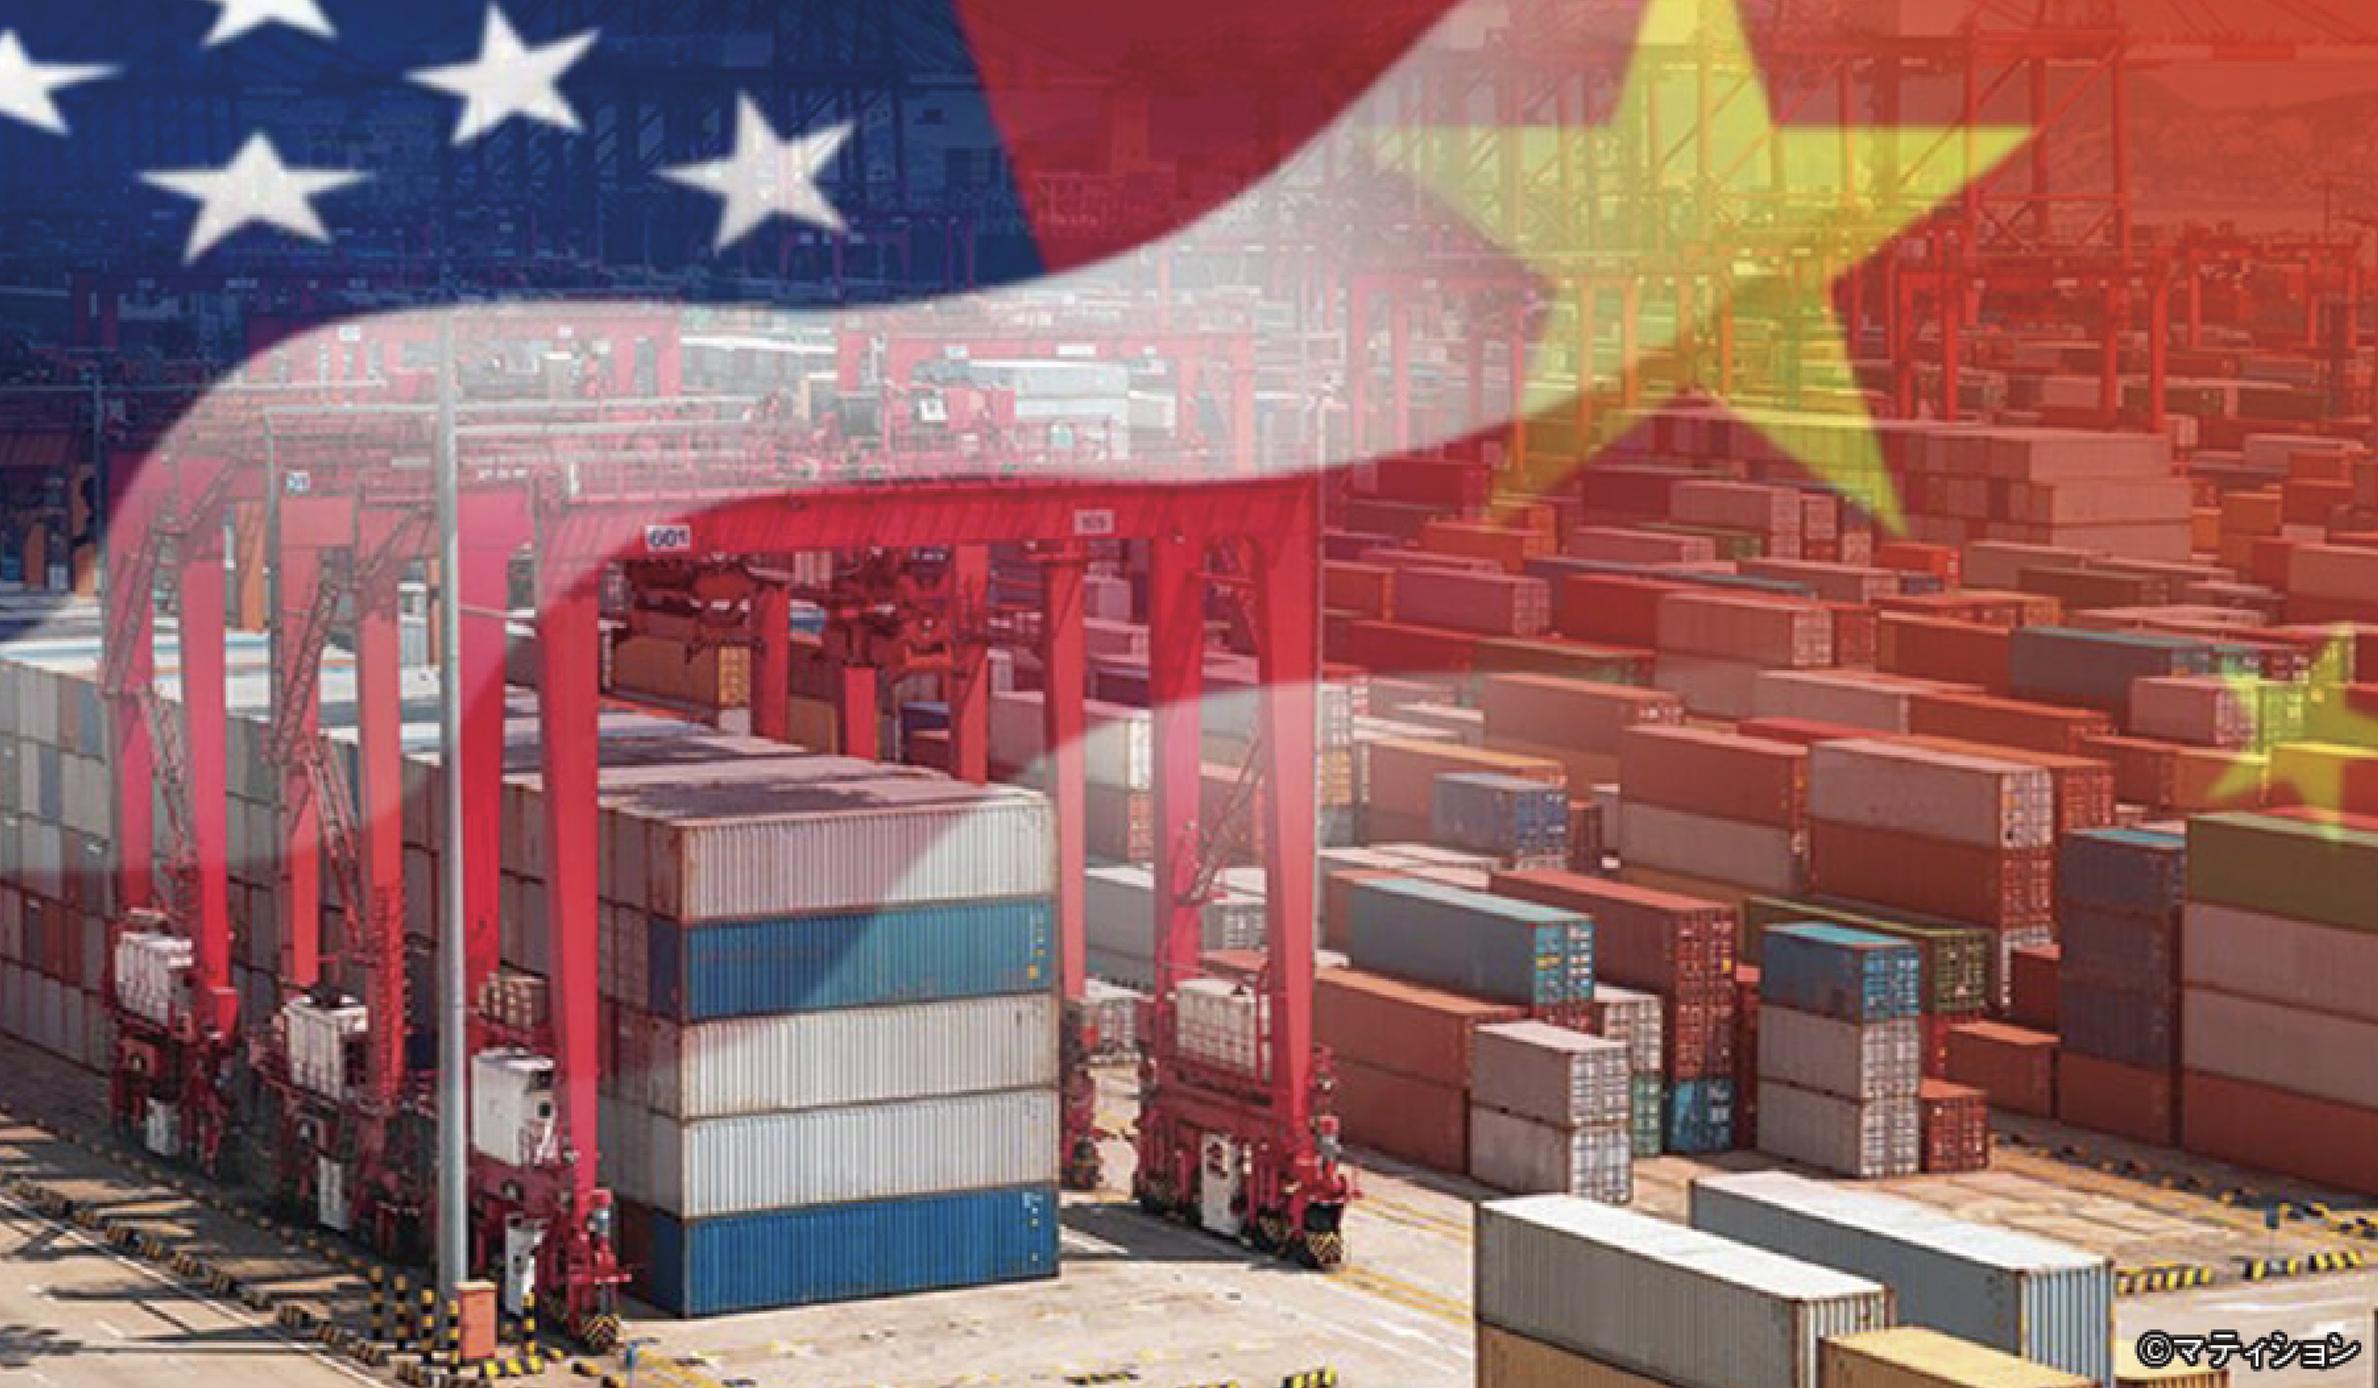 タイと米中貿易戦争 - ワイズデジタル【タイで生活する人のための情報サイト】